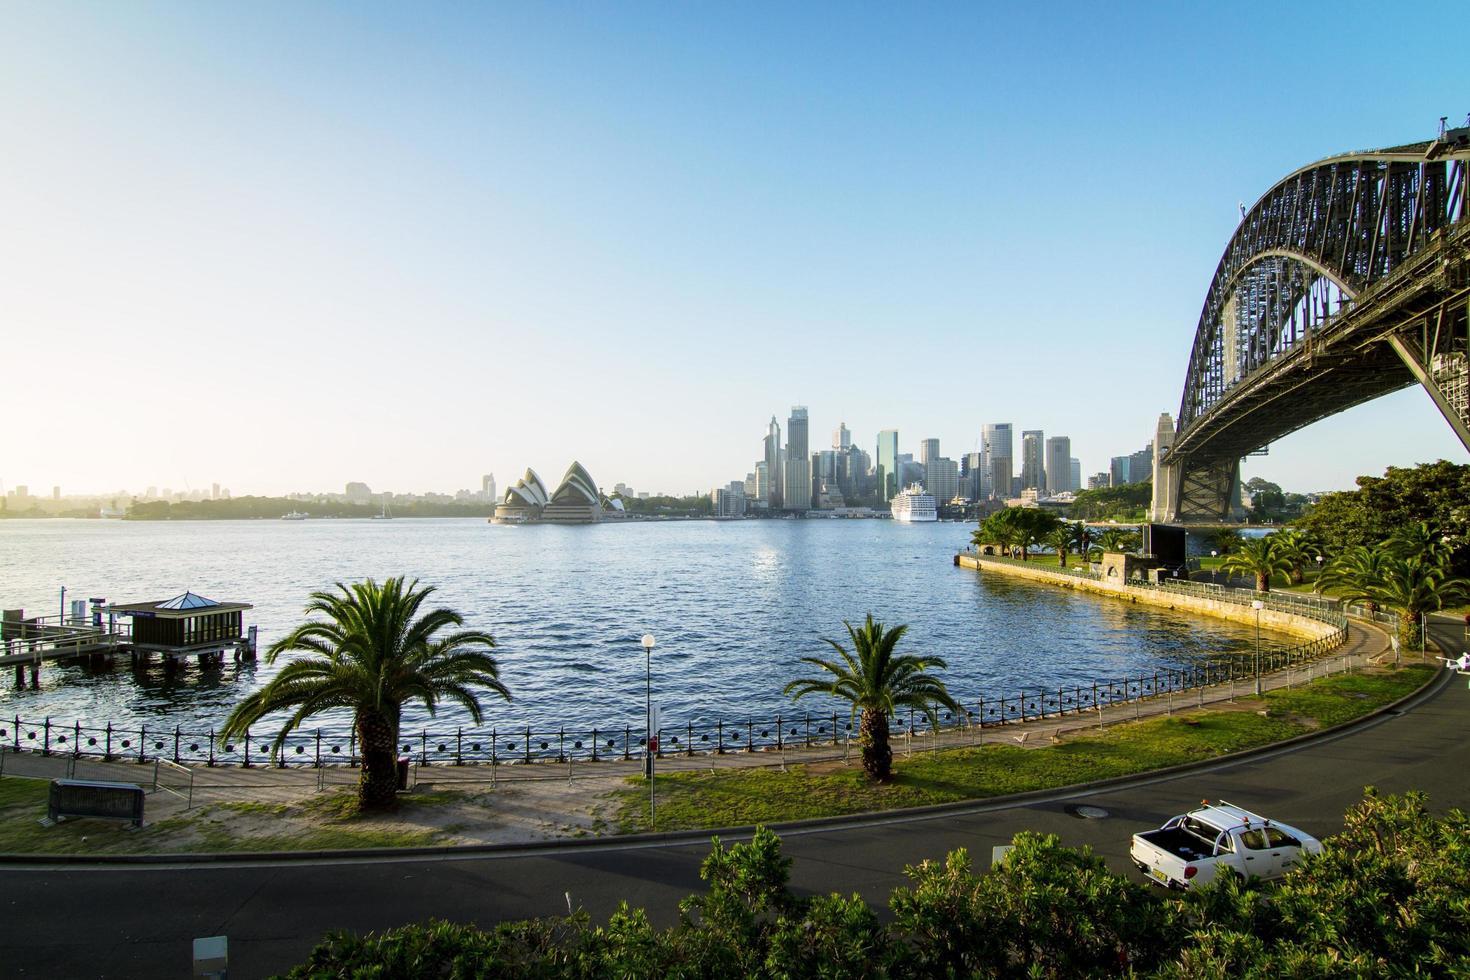 sydney, austrália, 2020 - uma estrada e uma ponte perto de um corpo de água foto